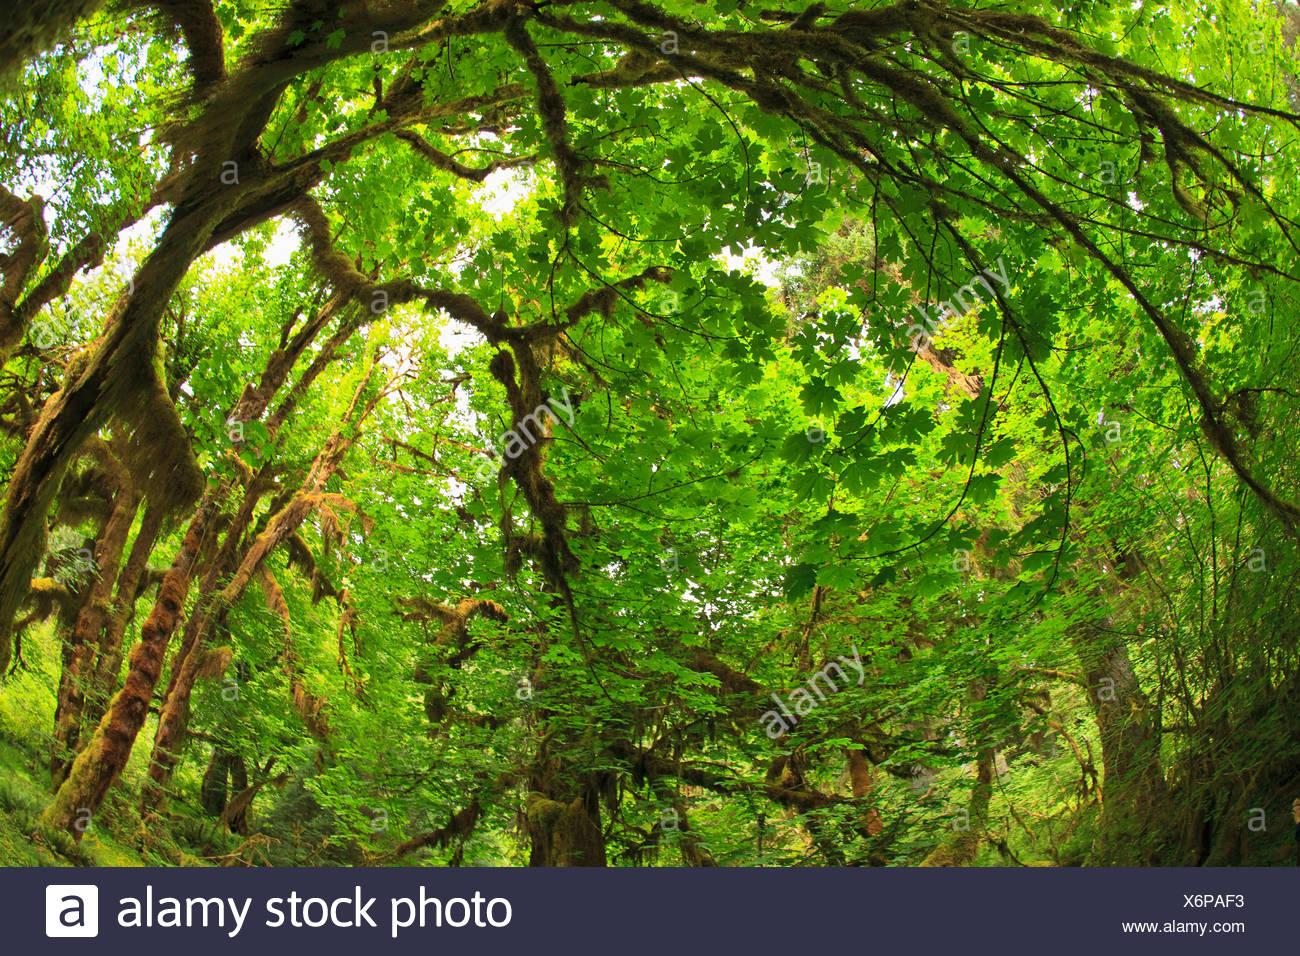 Hoh Rainforest, Olympic National Park, Washington, USA - Stock Image